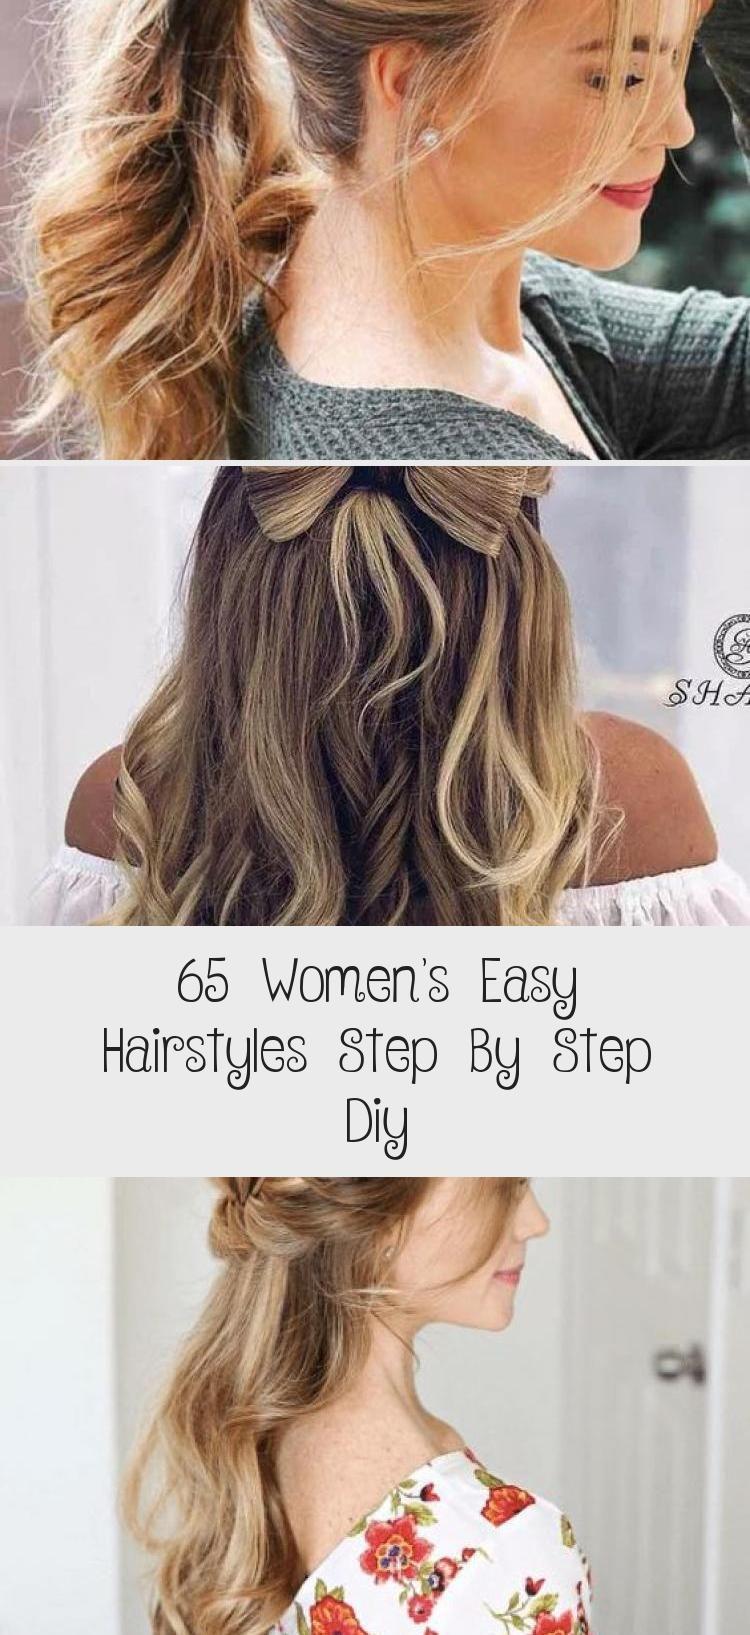 65 Einfache Frisuren für Frauen Schritt für Schritt Diy – HairStyles